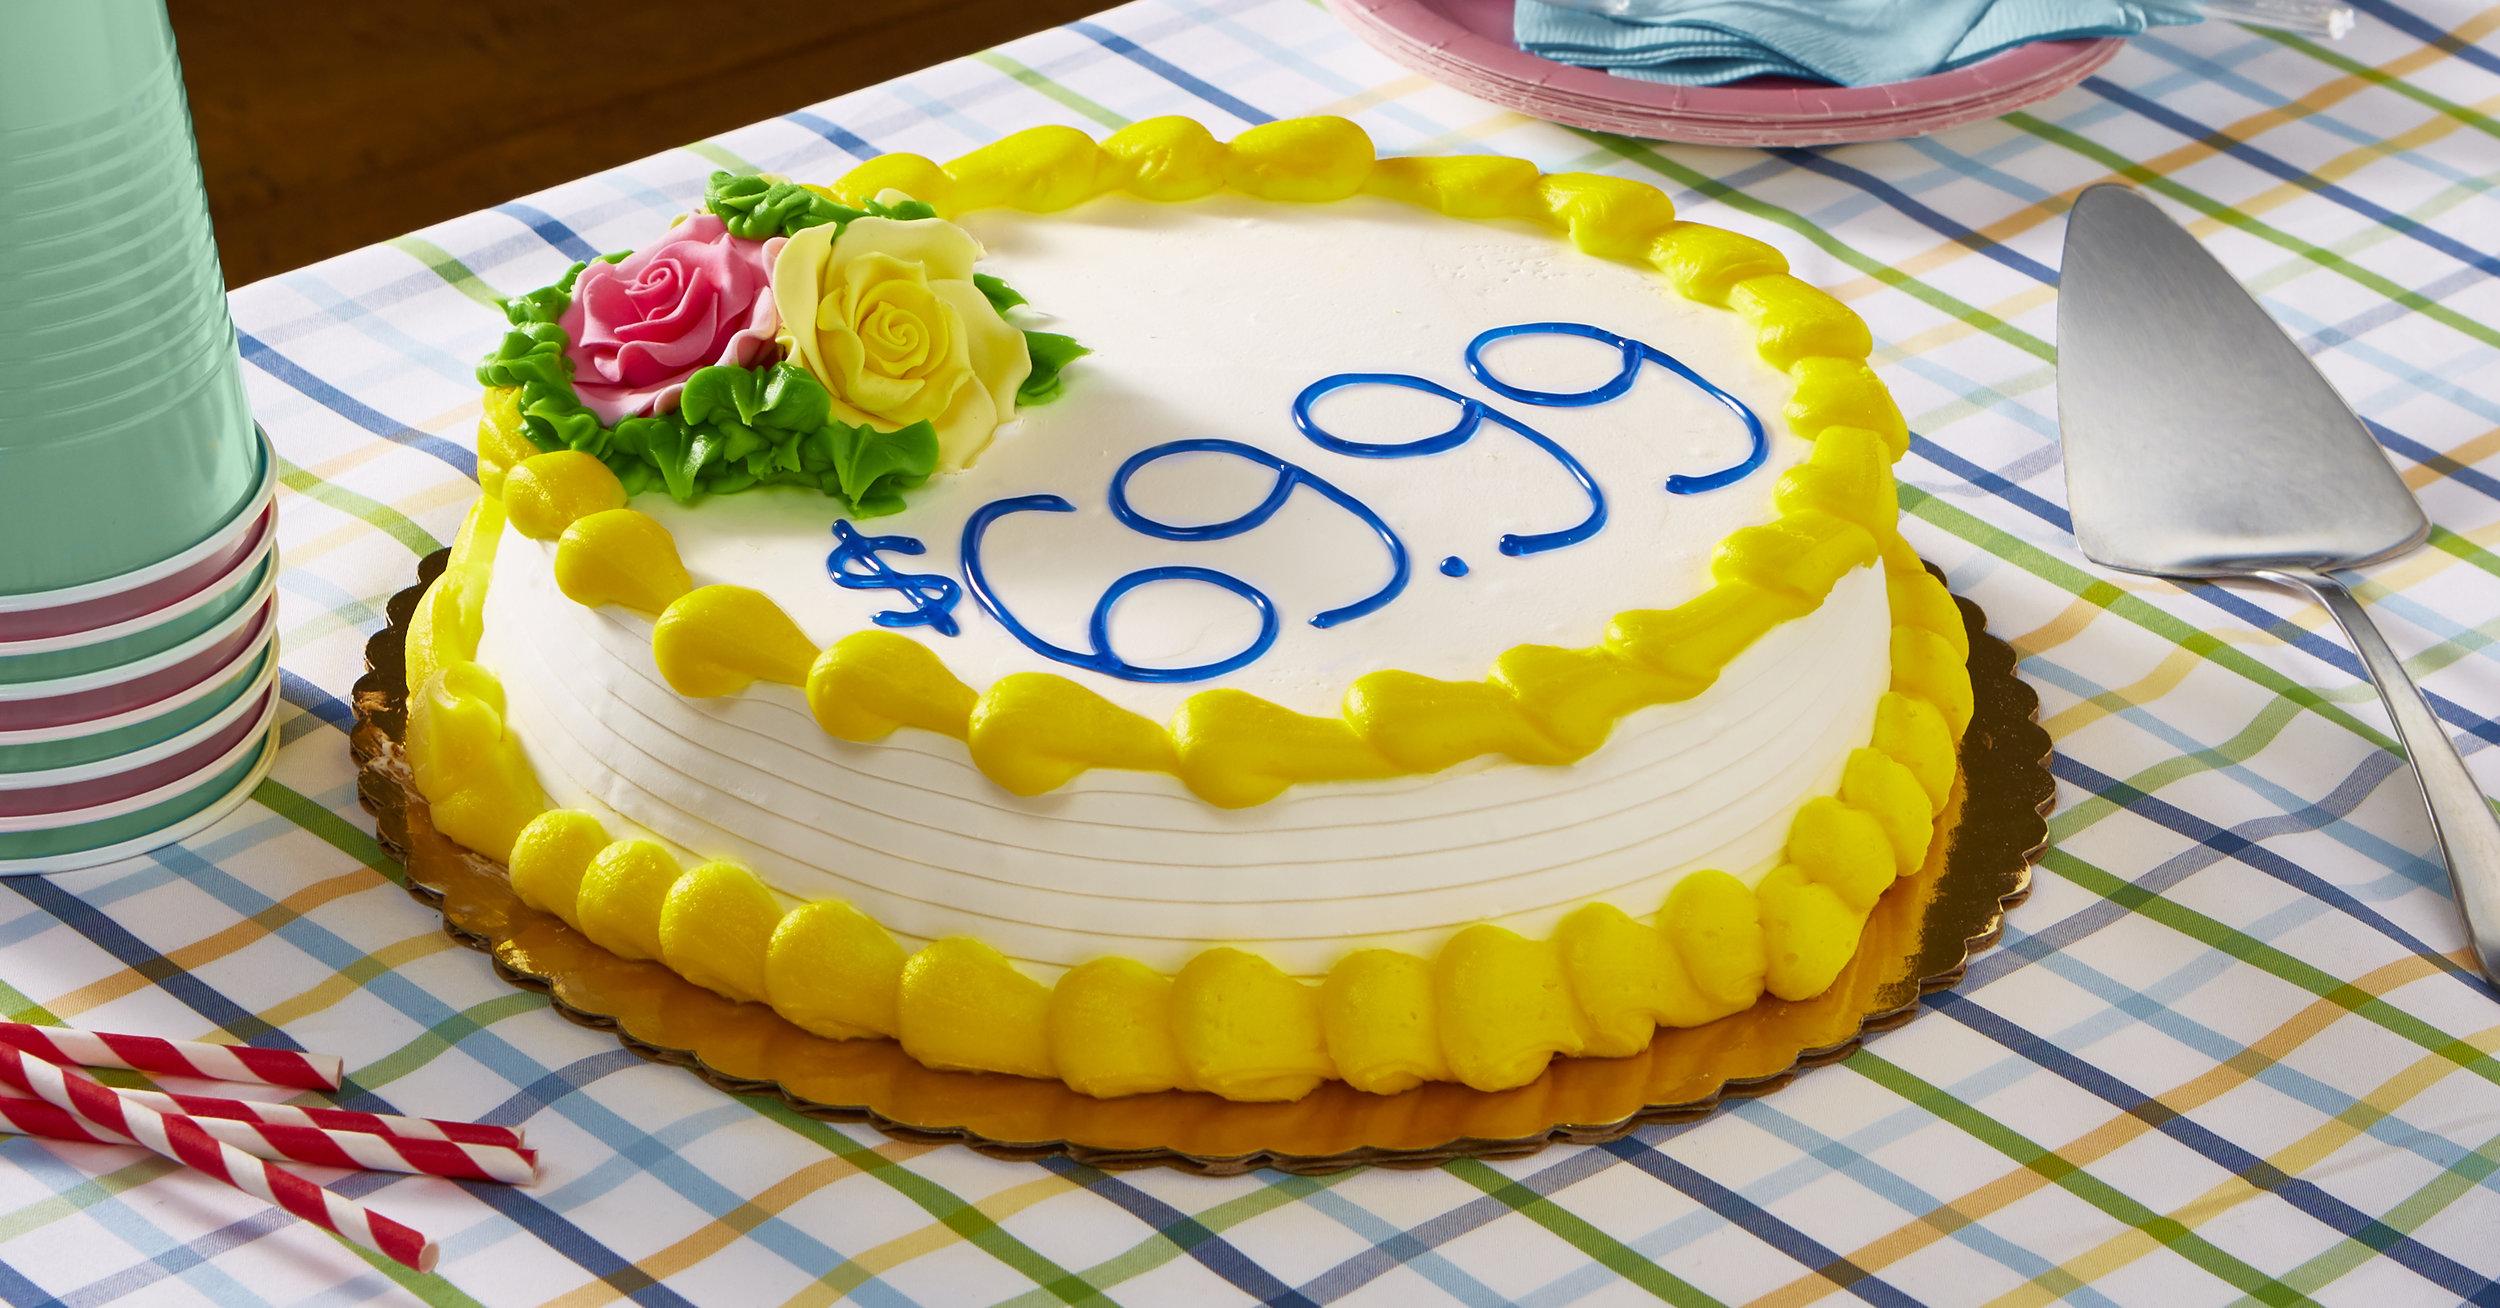 Cake A.jpg